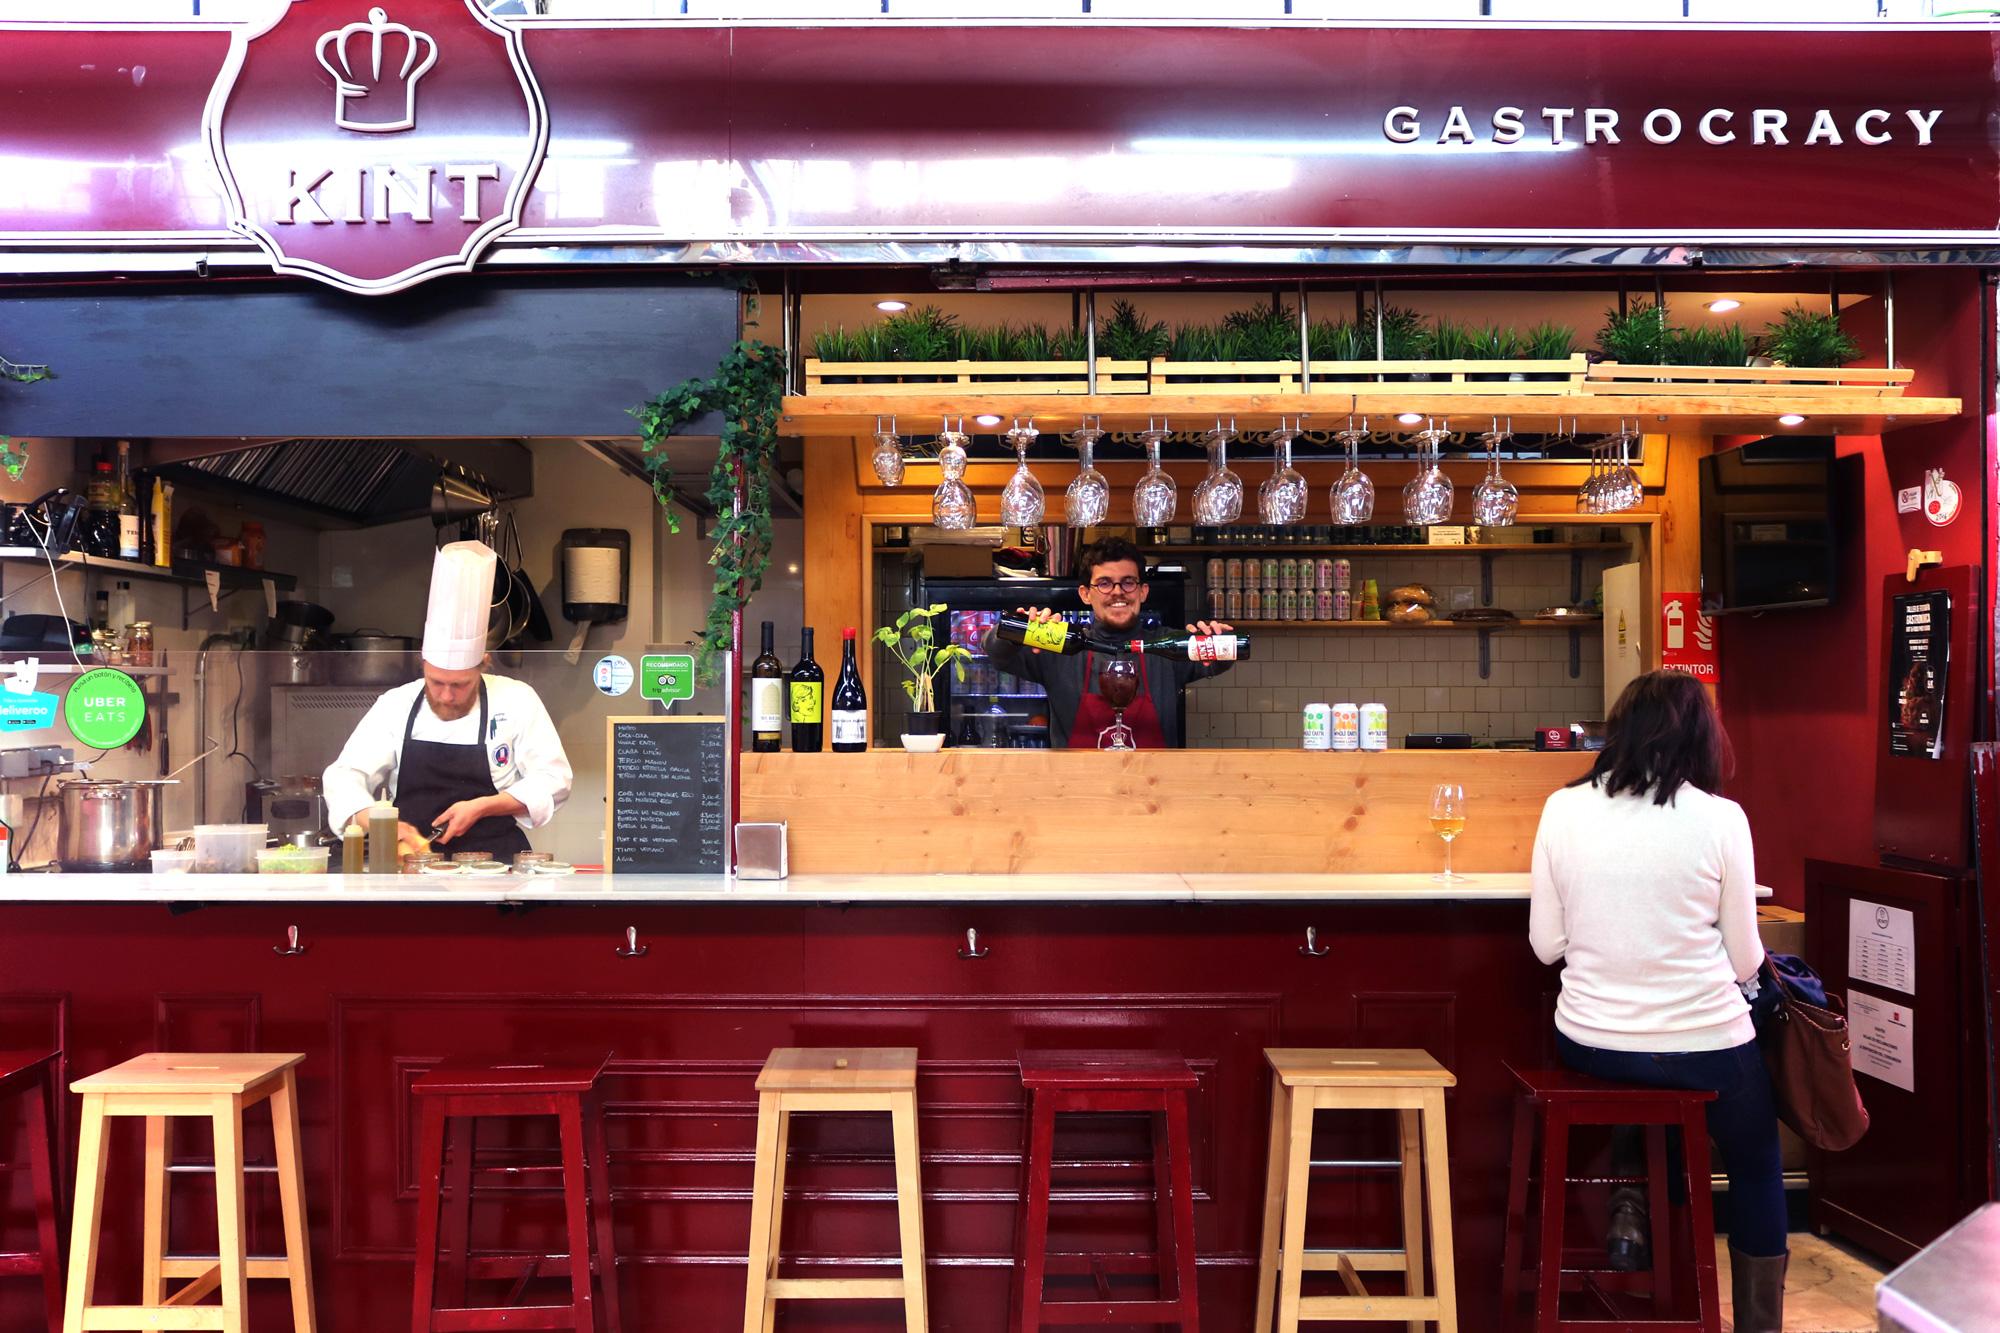 Kint - Locales sin gluten / gluten free en Madrid